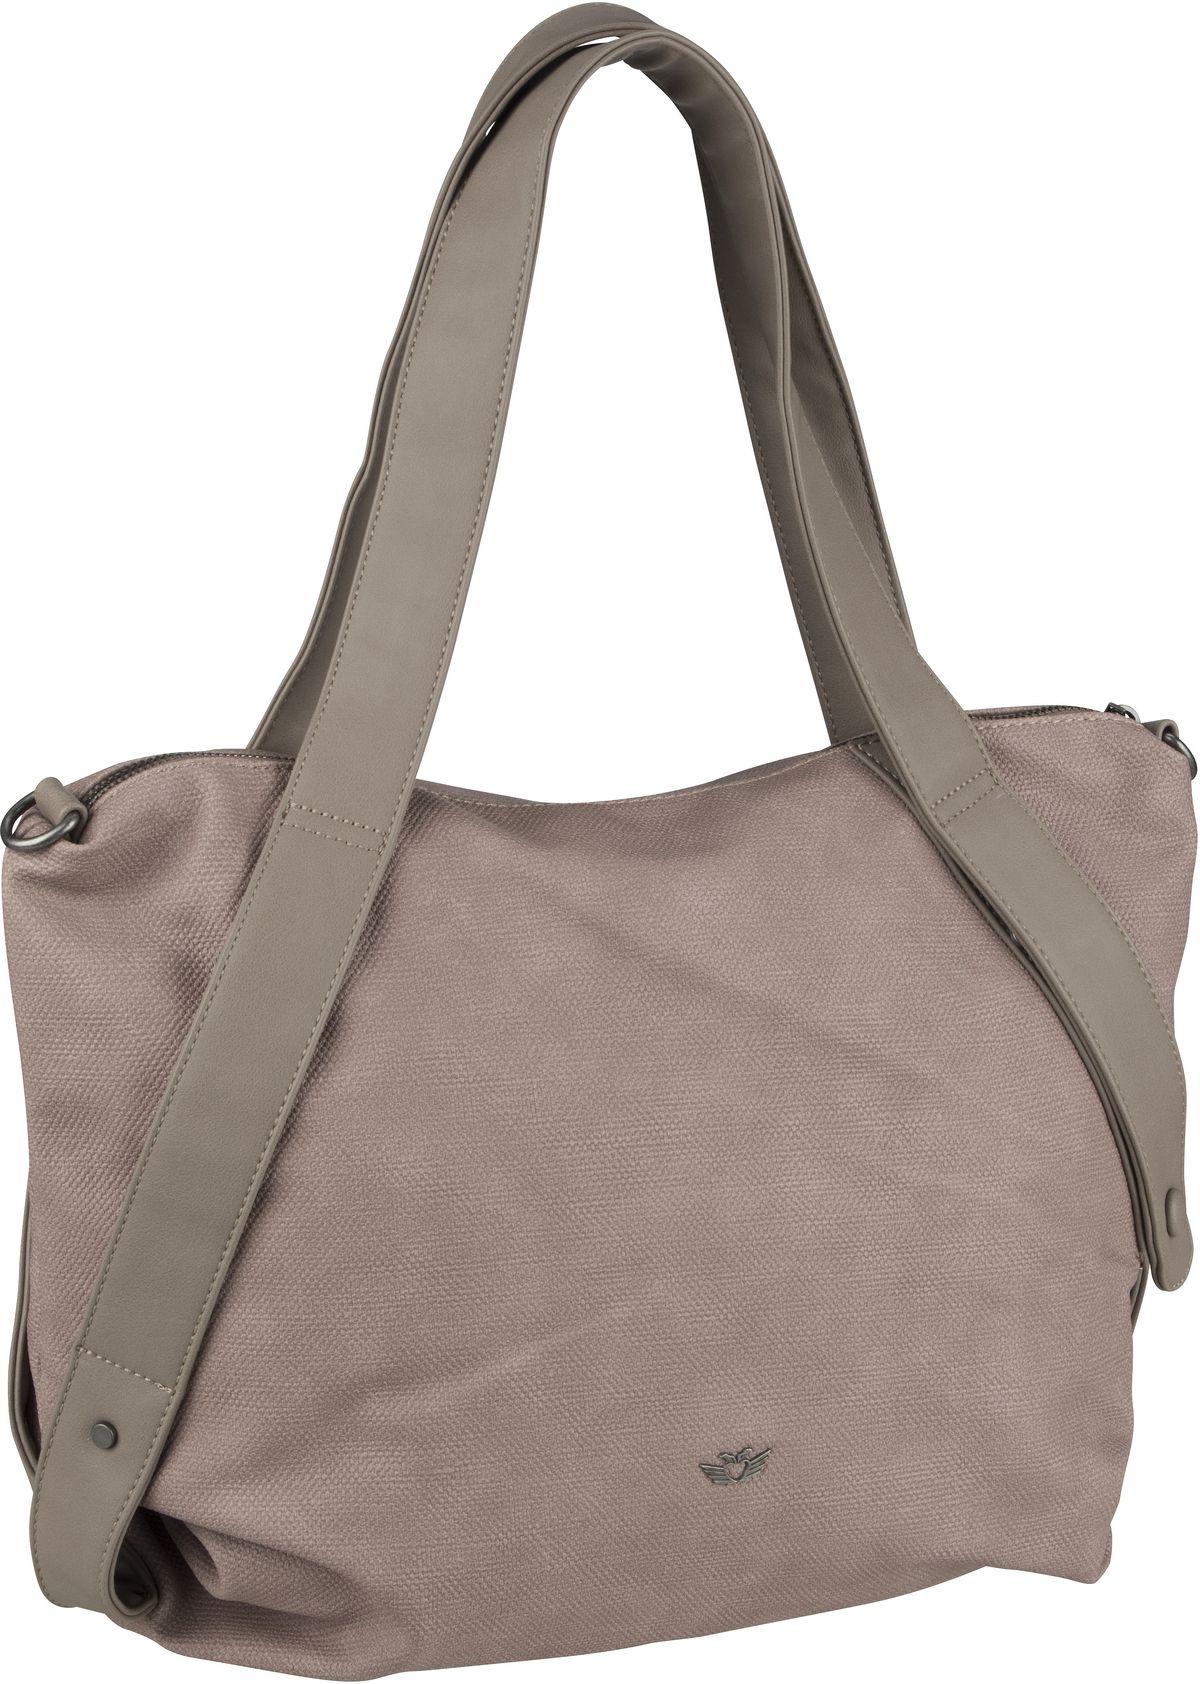 Handtasche Alla Pixley Blush